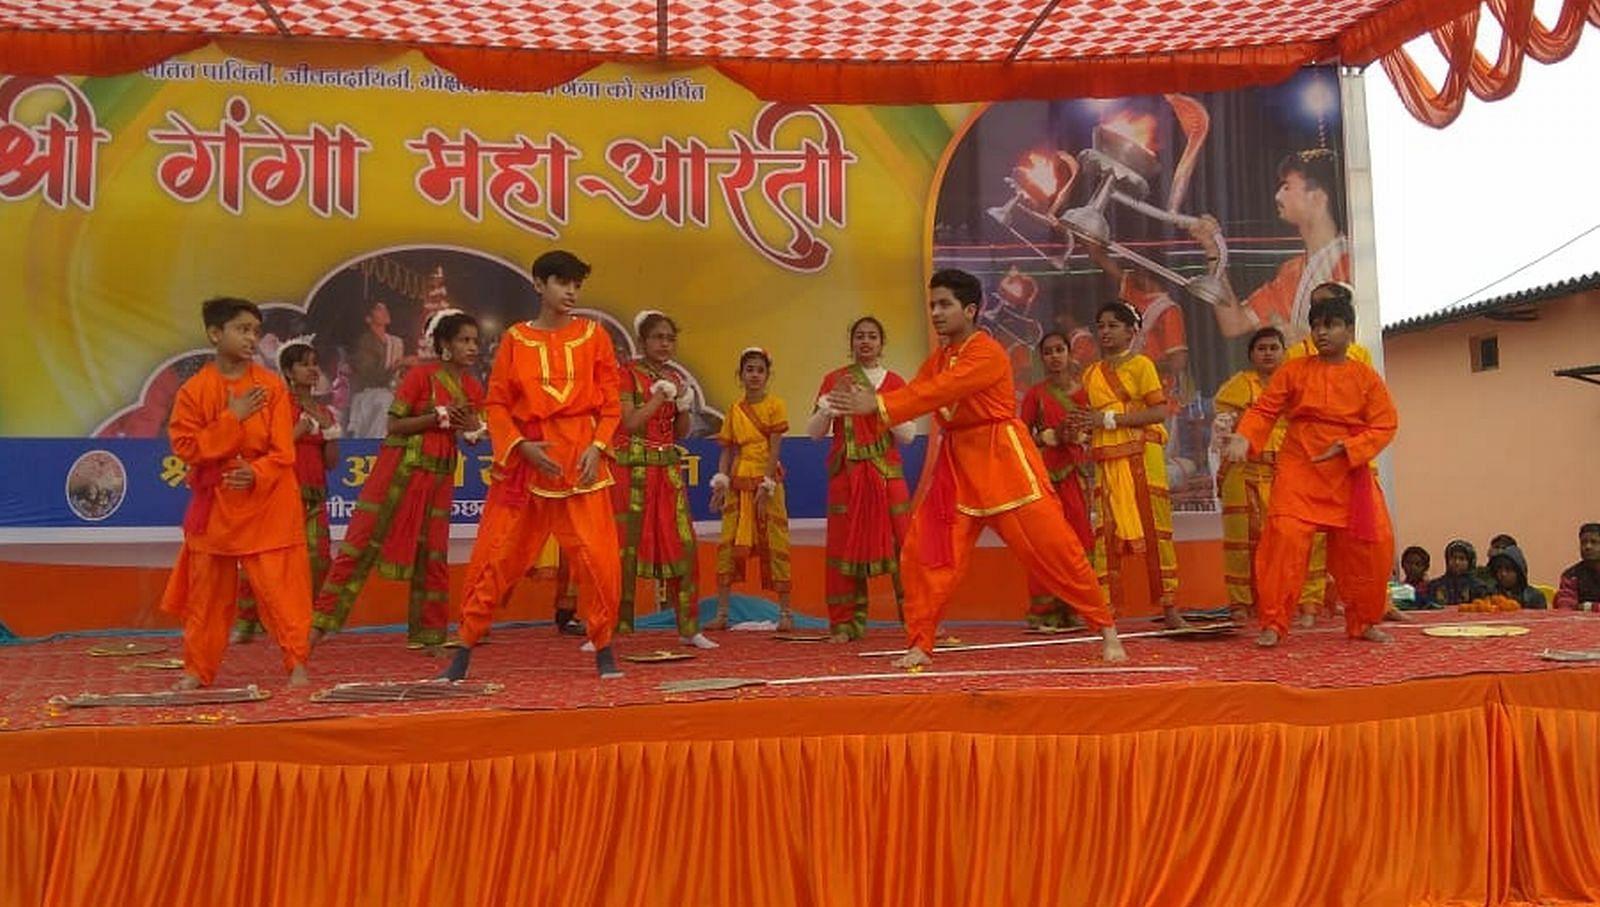 गंगा आरती का एक वर्ष पूरा होने पर कछला गंगाघाट पर हुए रंगारंग कार्यक्रम